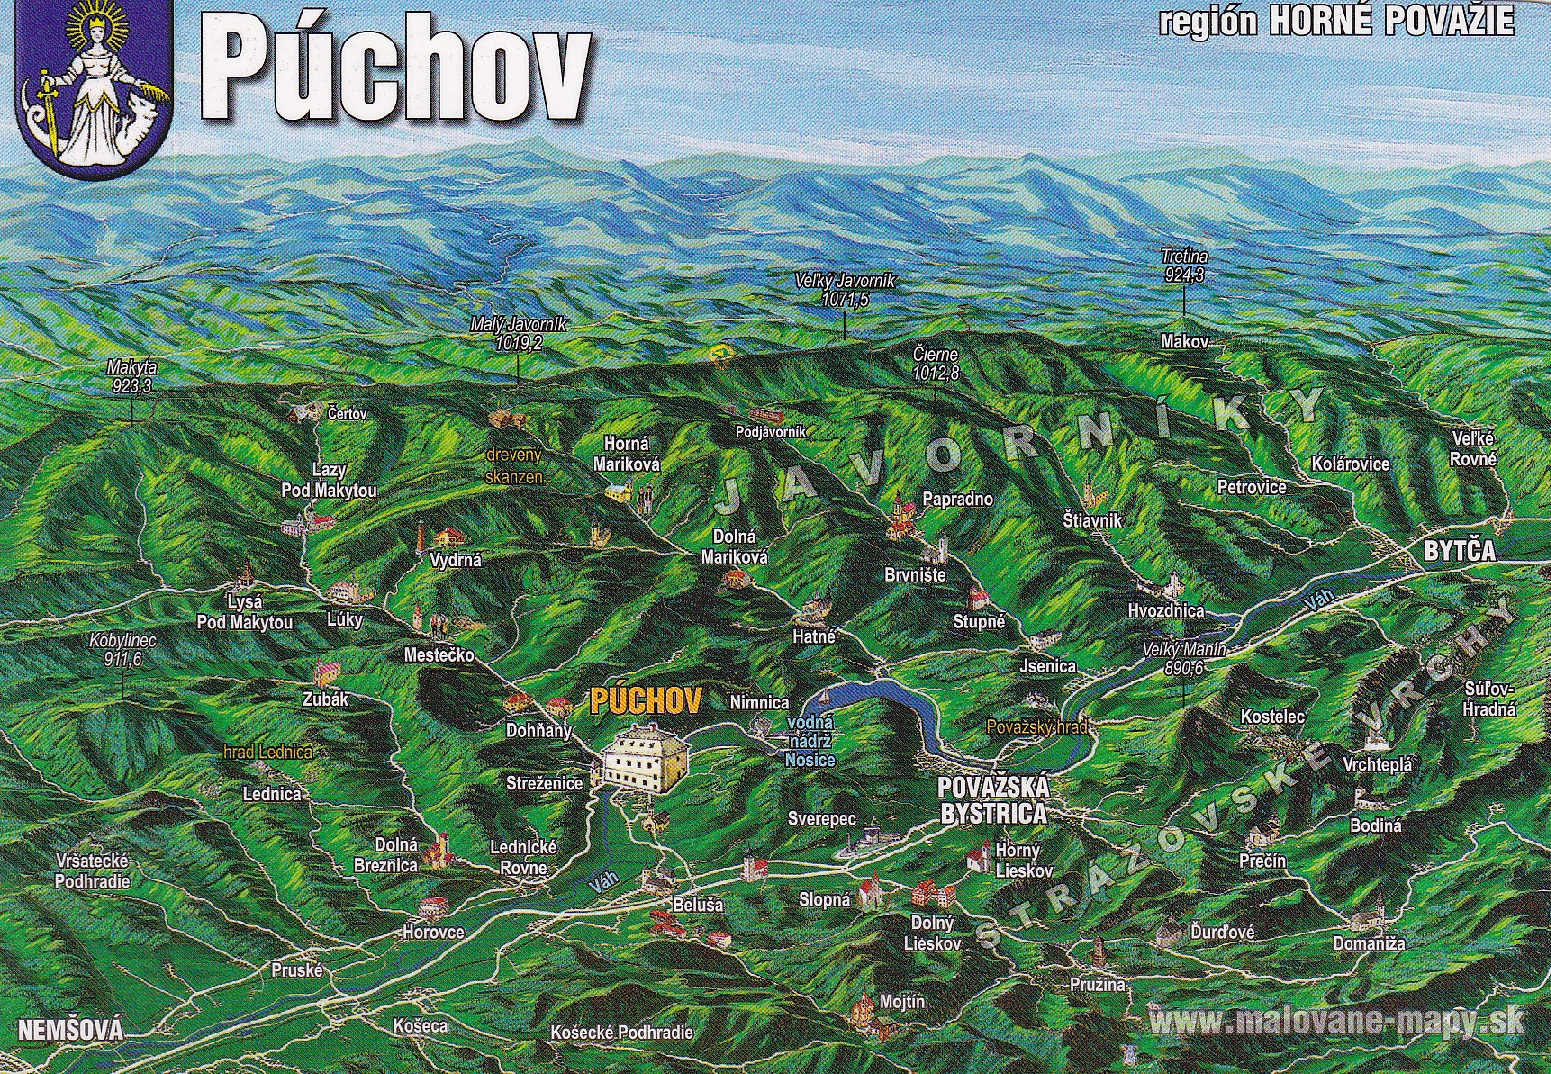 Región tzv. Horného Považia na maľovanej mape